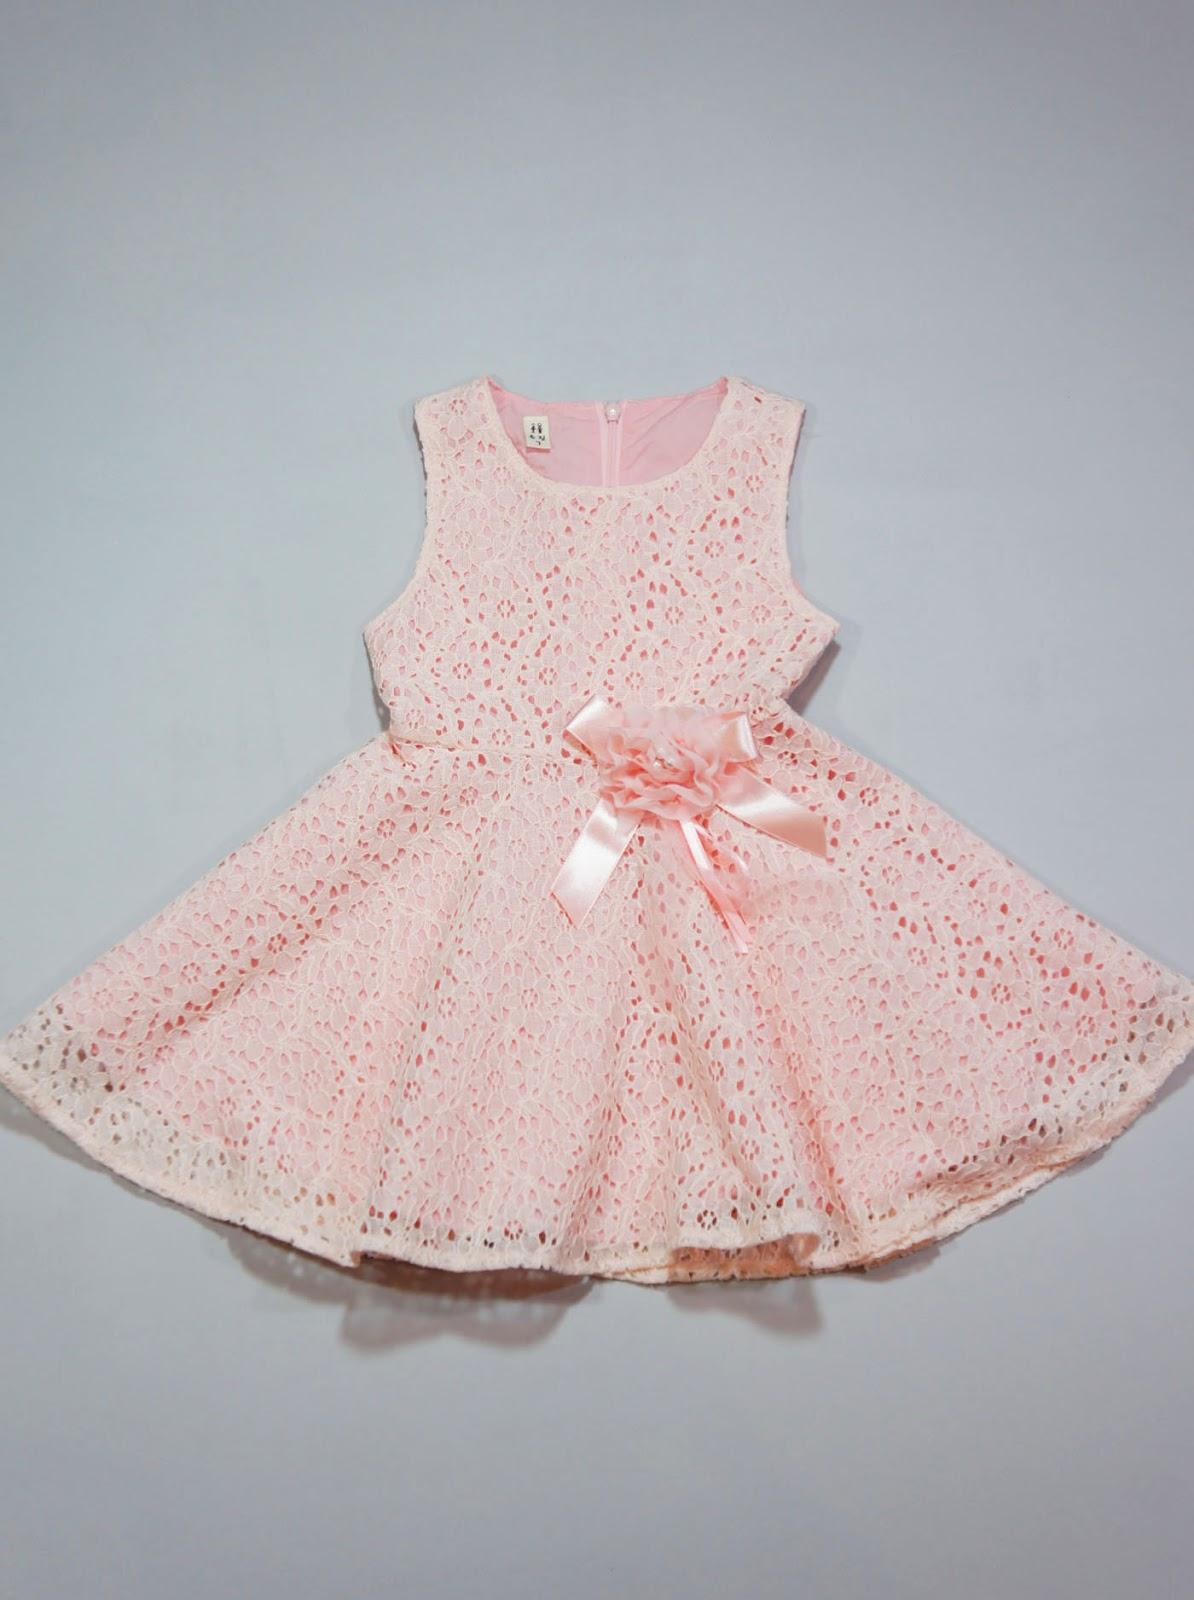 Baby girl dress little girls dress pinkyp pink baby girl dress little